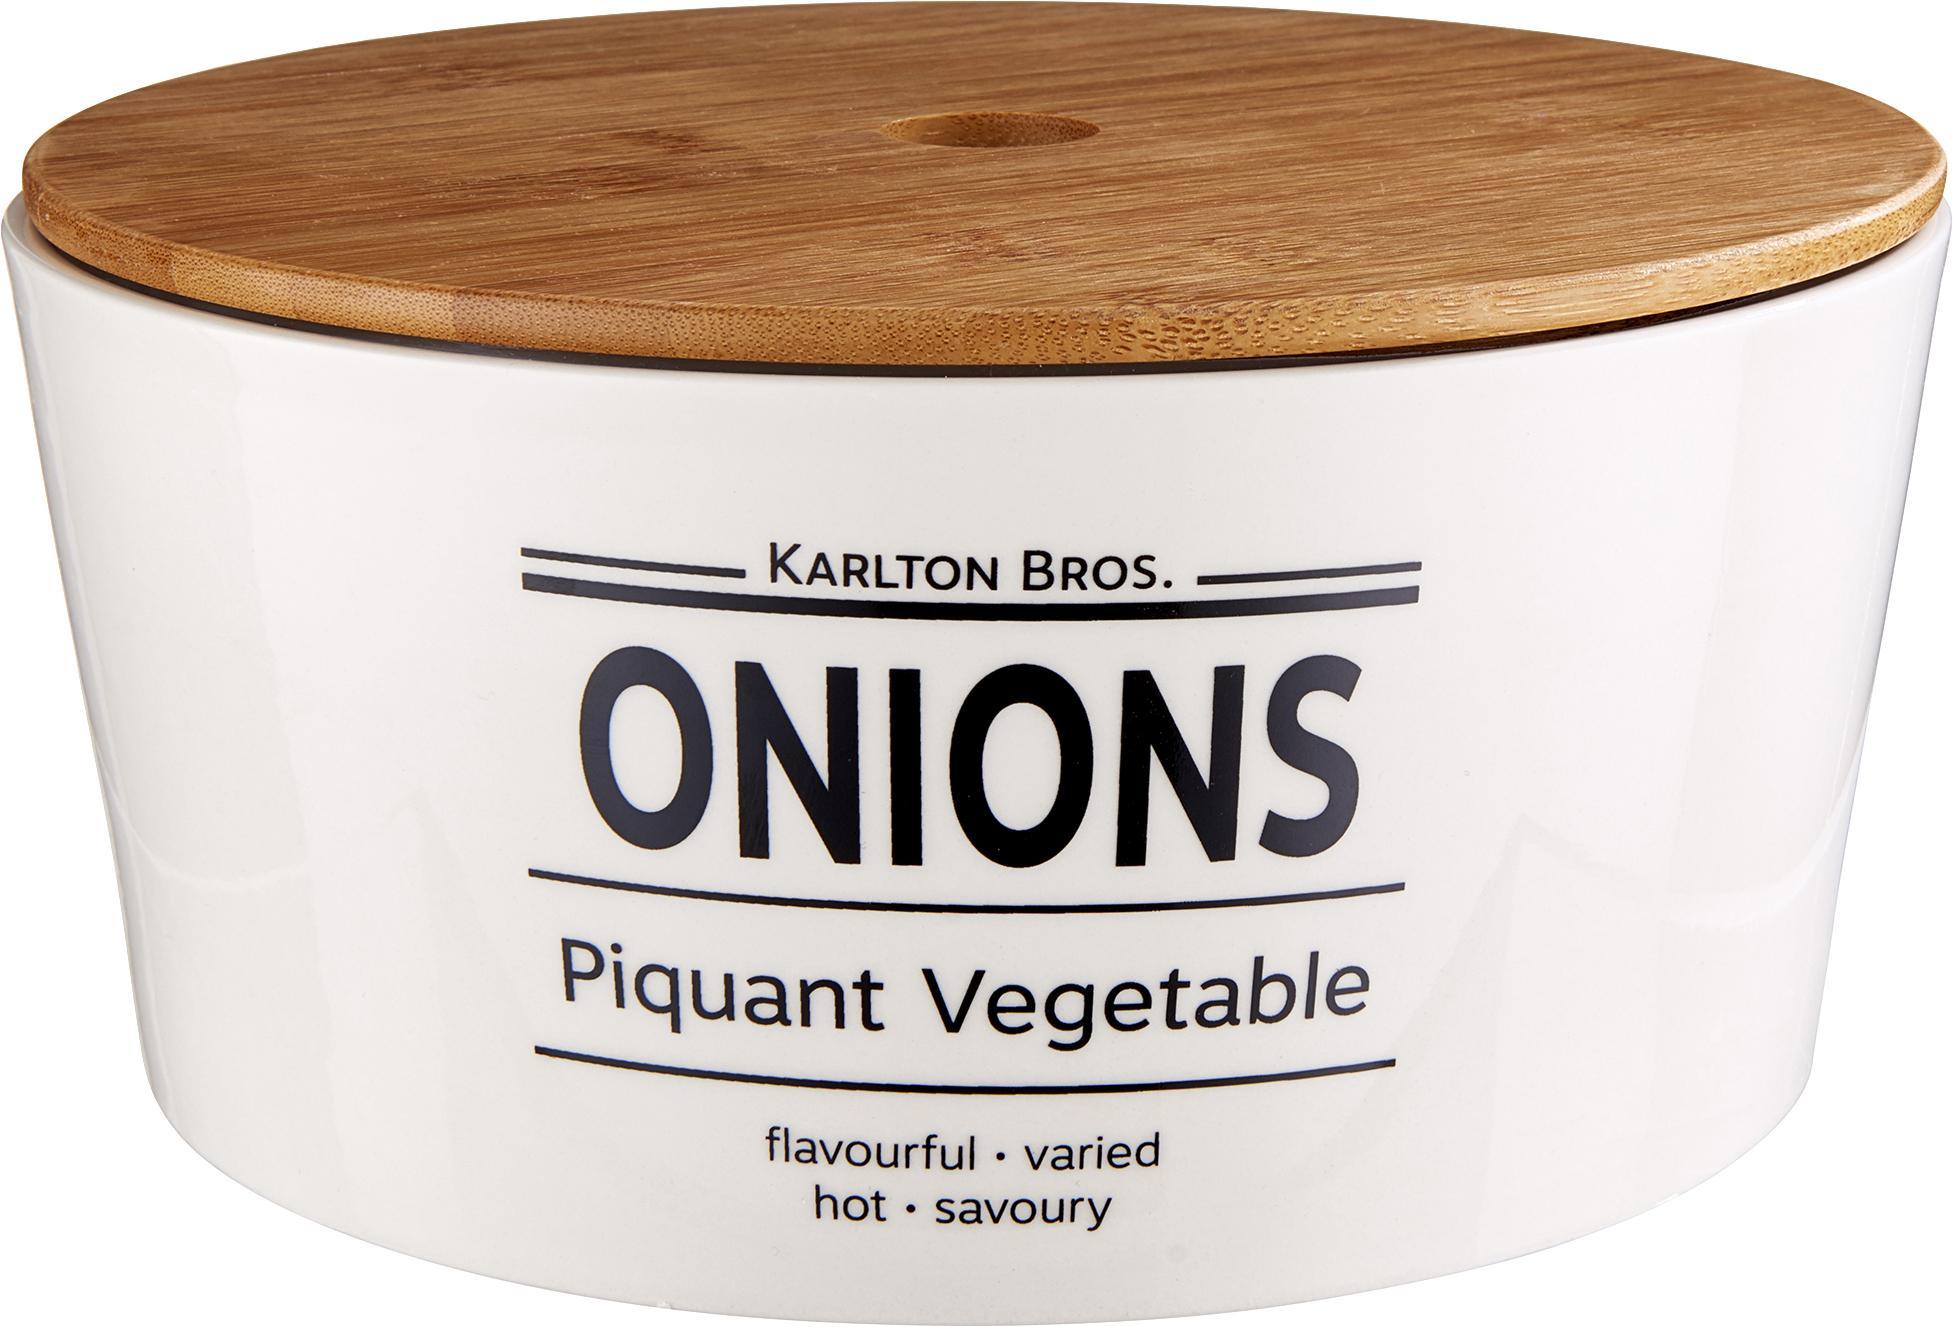 Aufbewahrungsdose Karlton Bros. Onions, Porzellan, Weiß, Schwarz, Braun, Ø 22 x H 11 cm